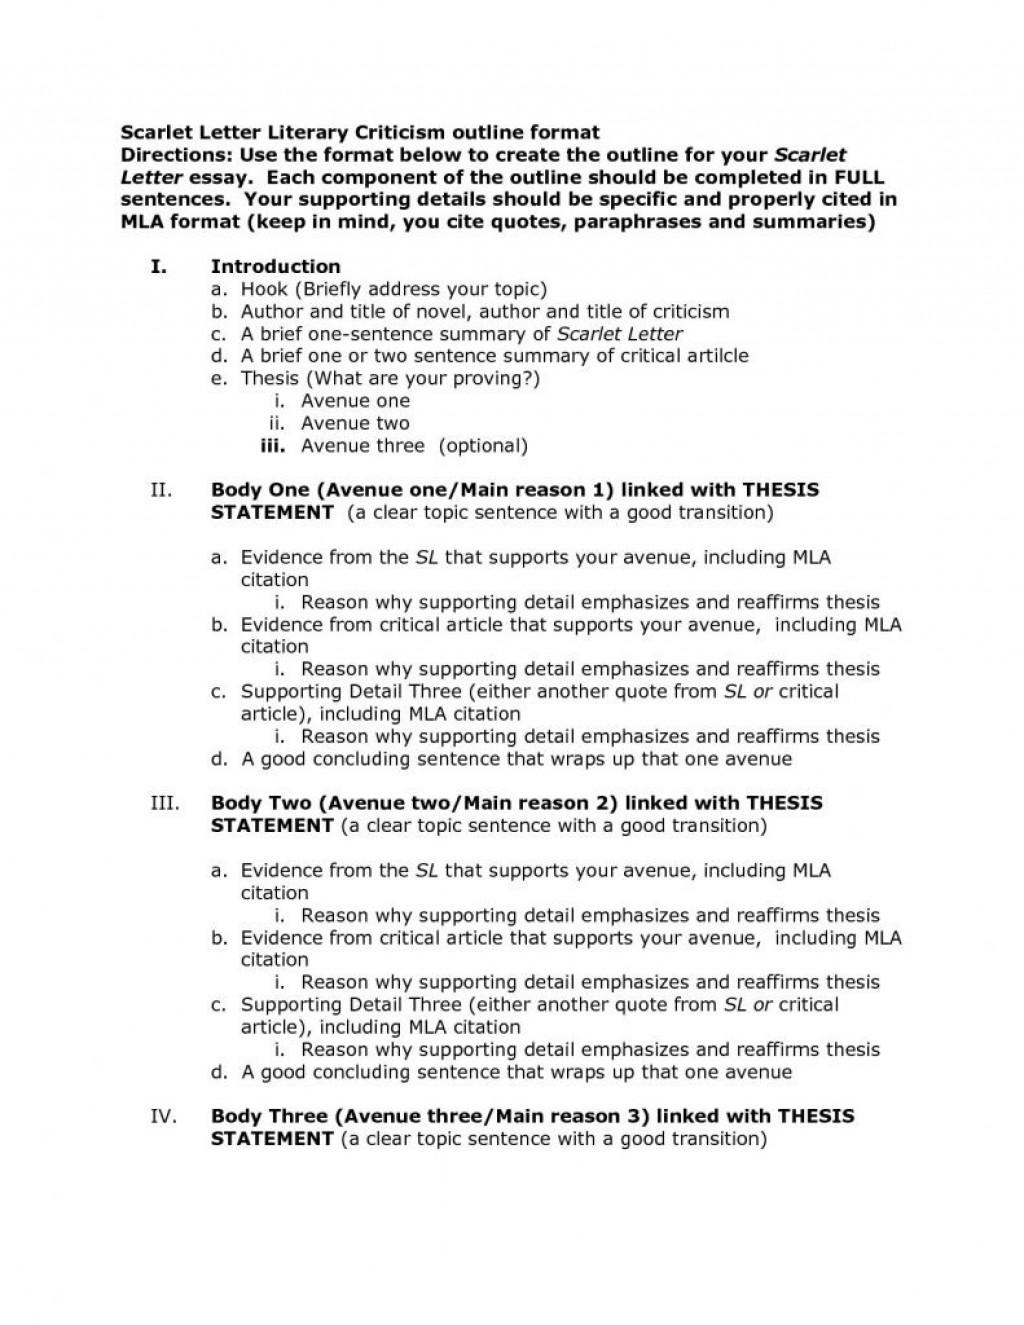 006 Mla Format Quotes Inspirational Generator For Essay Argumentative Outline Fresh Scarlet Letter Valid Works Imposing Titles On Sin Pdf Large